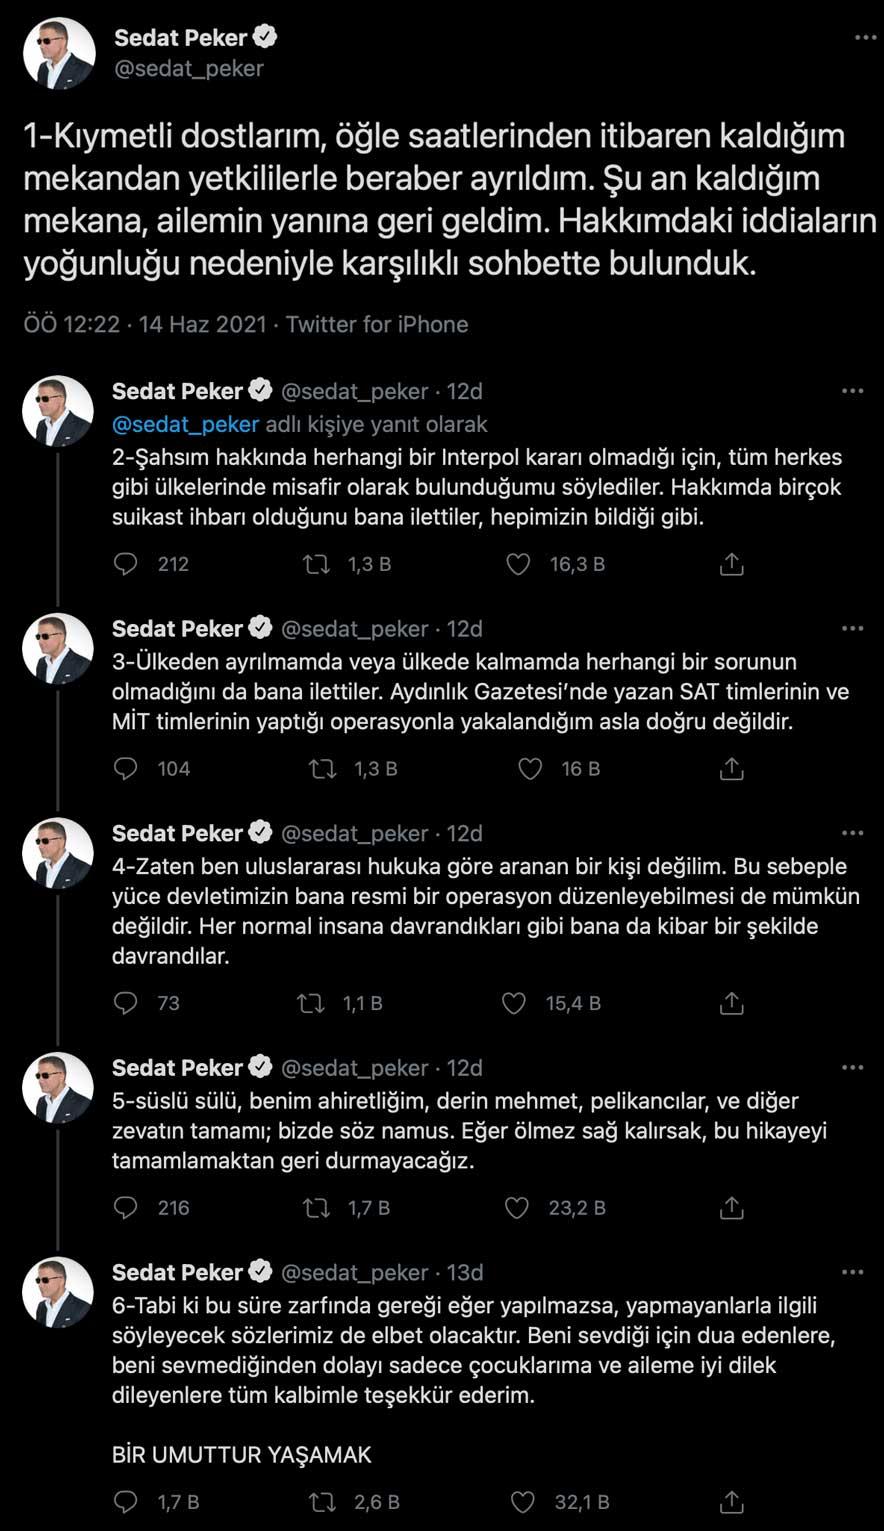 Can güvenliğinden endişe edilen Sedat Peker'den açıklama geldi